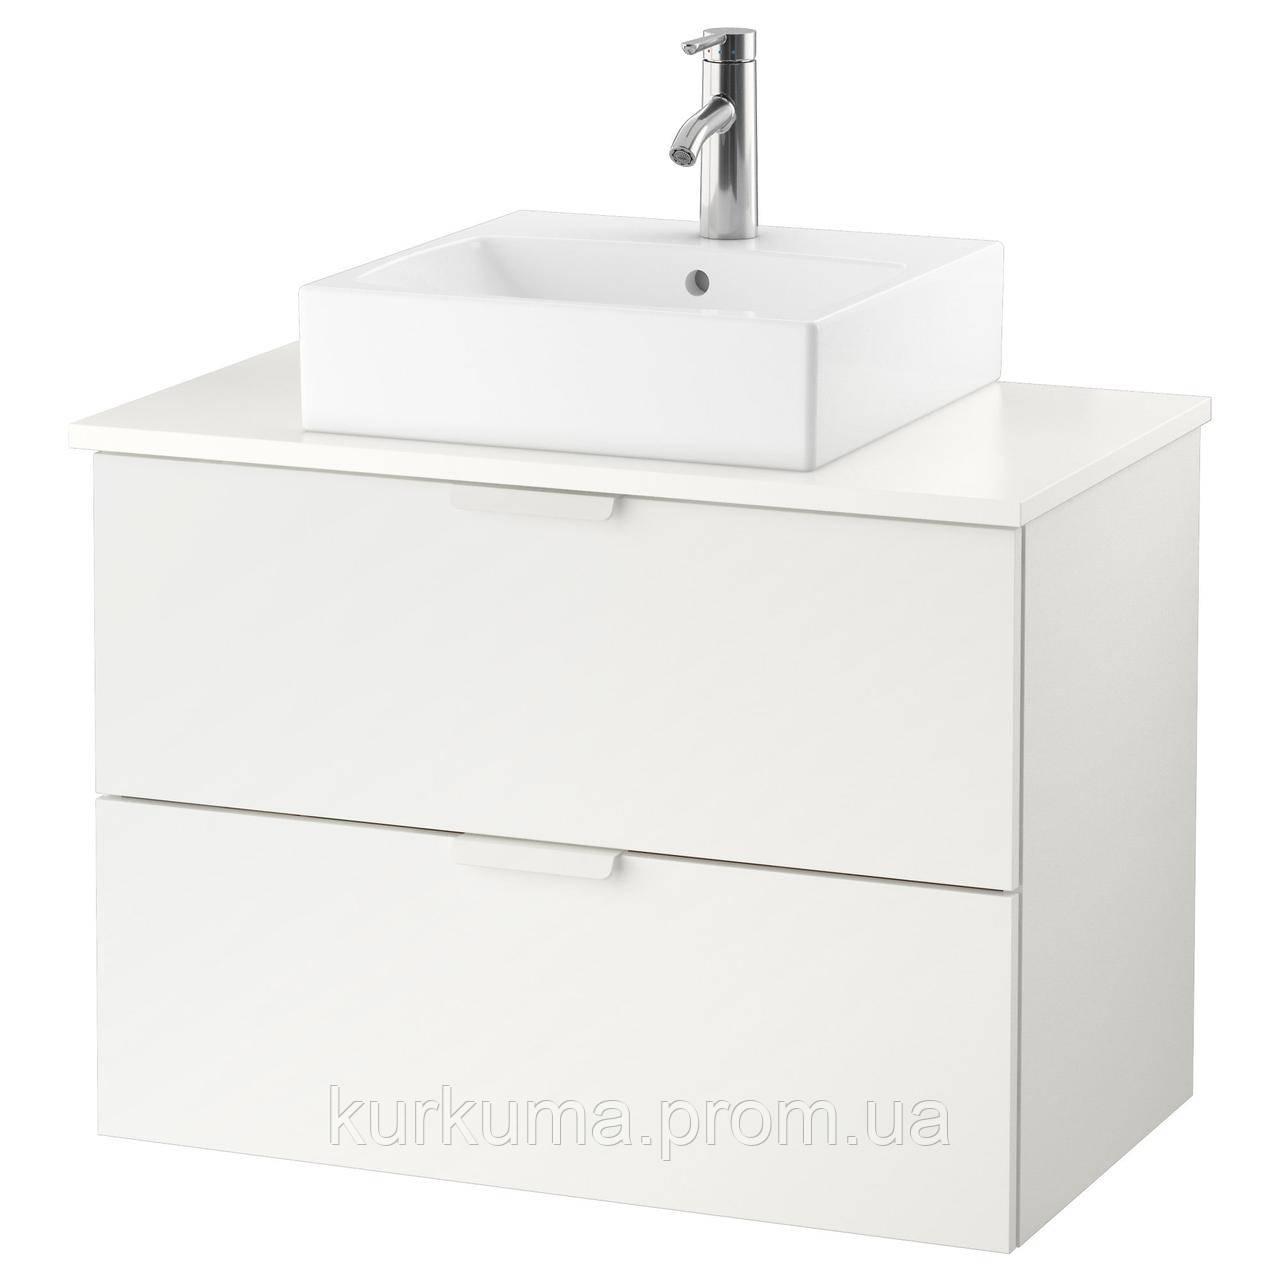 IKEA GODMORGON/TOLKEN/TORNVIKEN Шкаф под умывальник с раковиной, белый  (291.878.51)